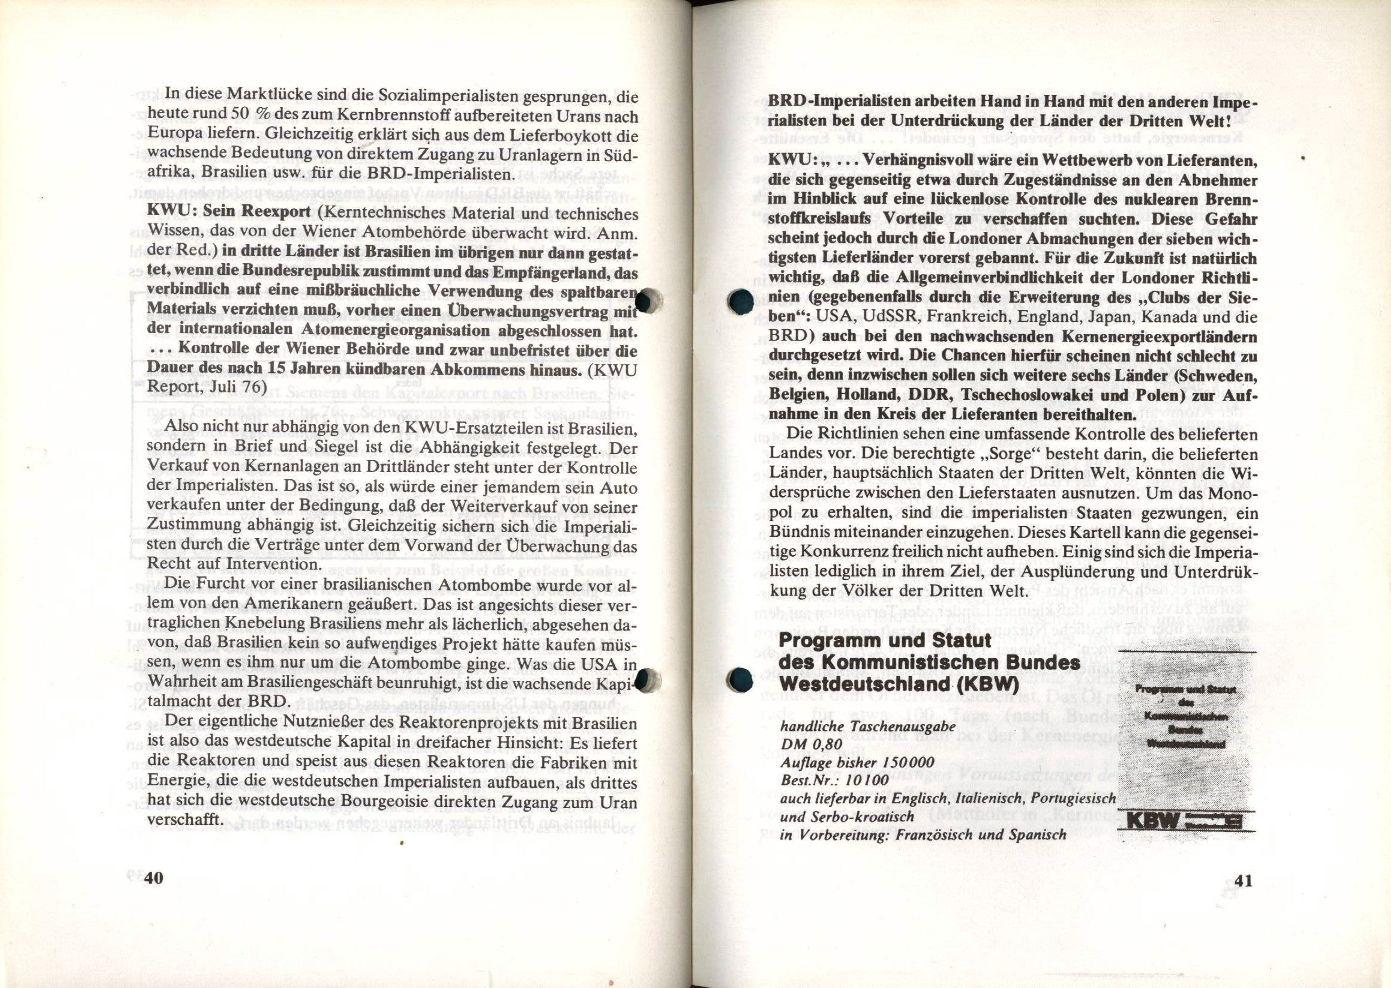 KBW_Mittelfranken020